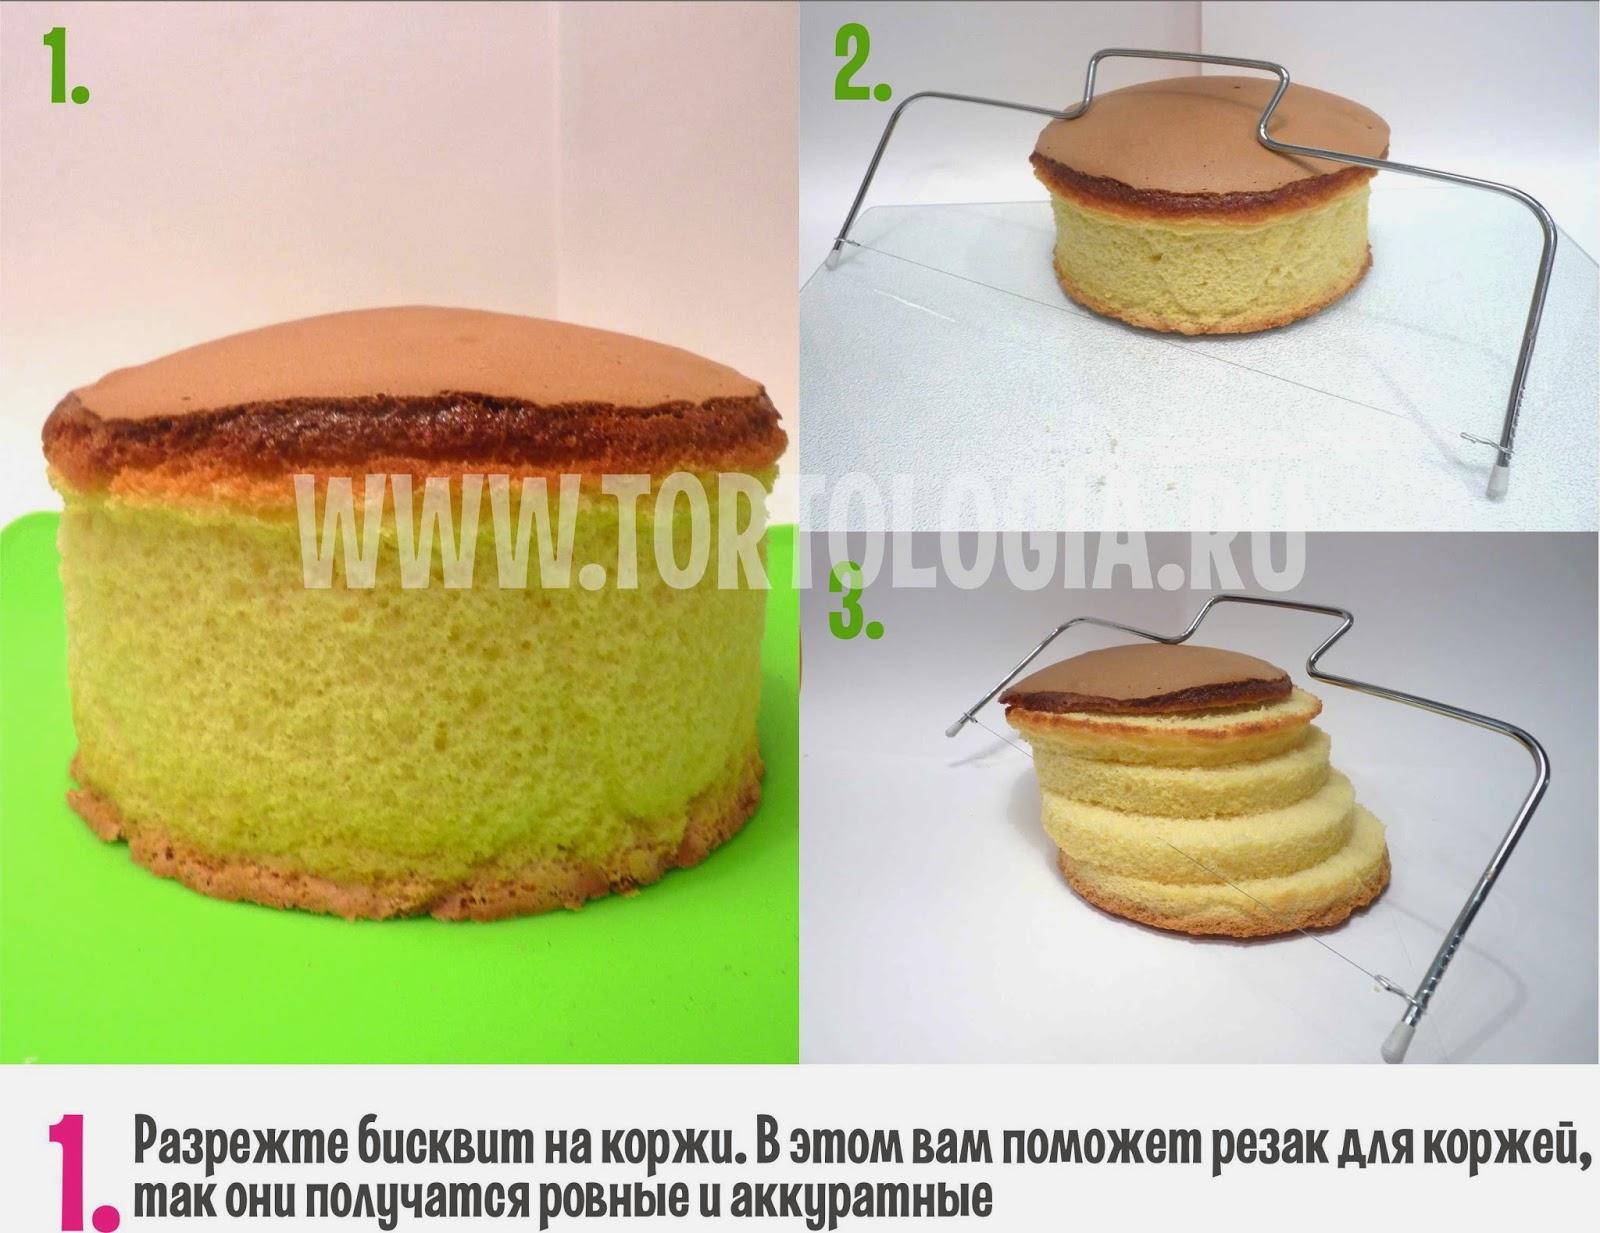 Как сделать коржи ровными для торта